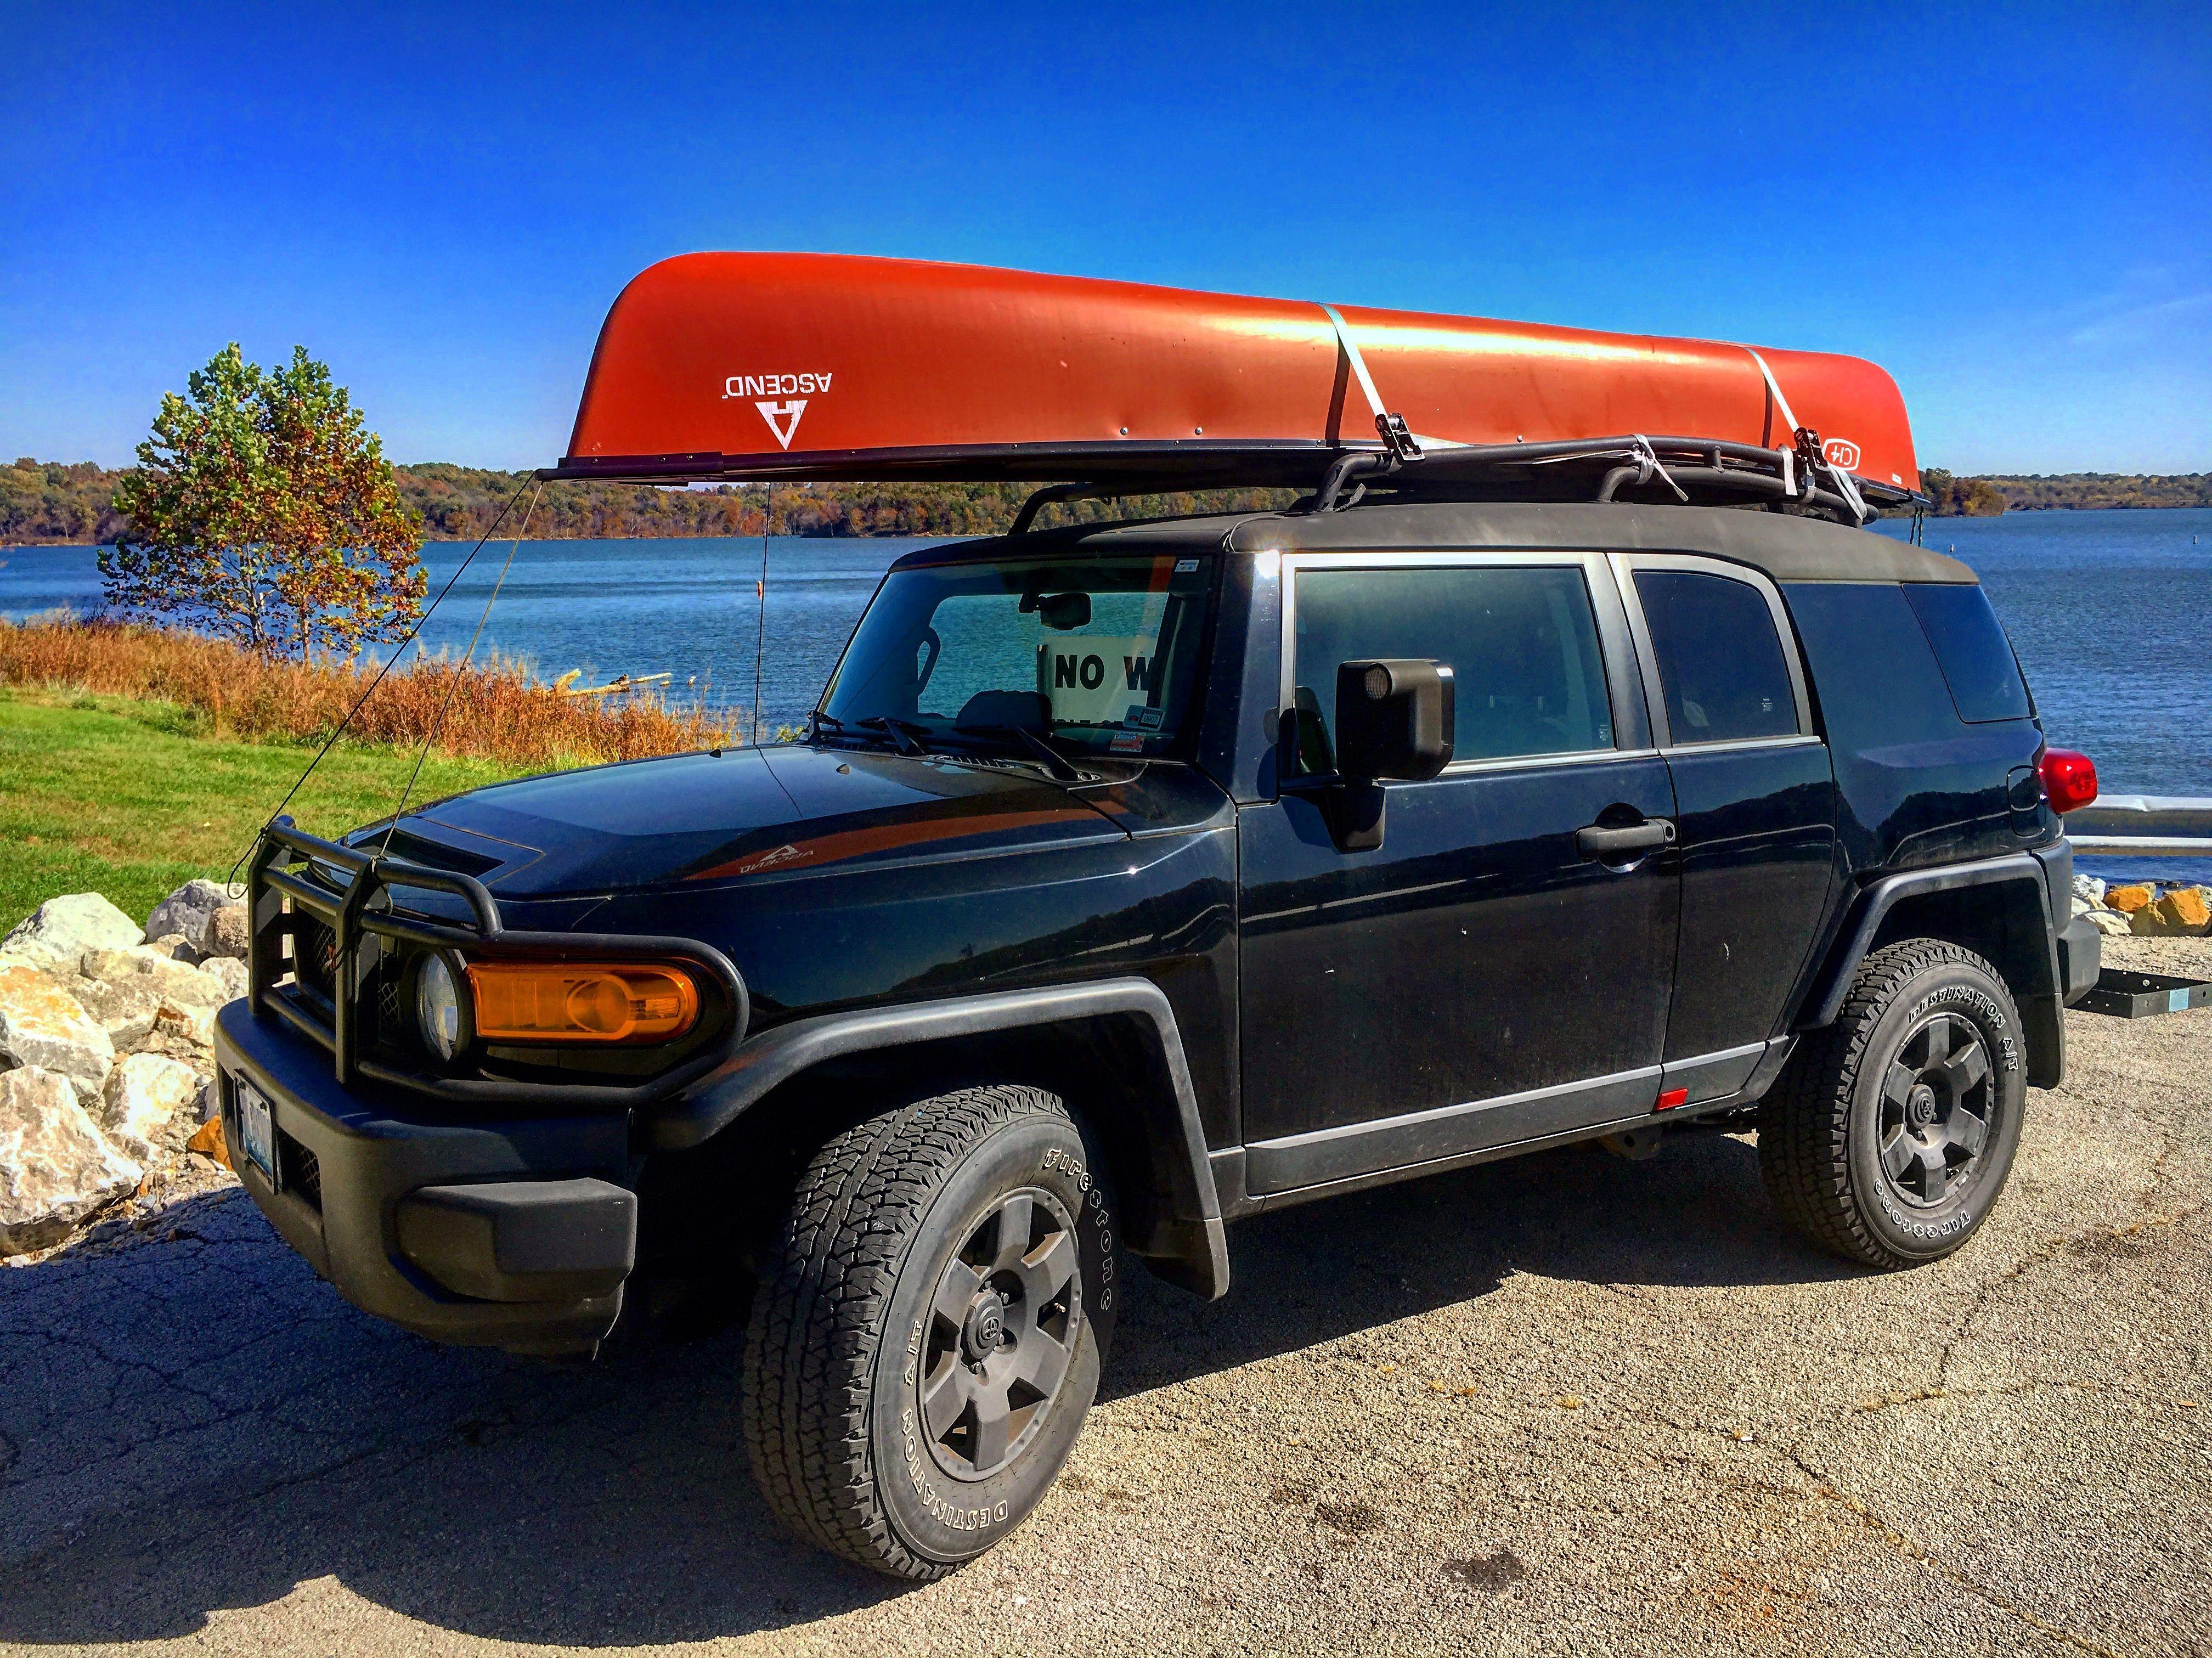 FJ cruiser taking the canoe for more adventures.